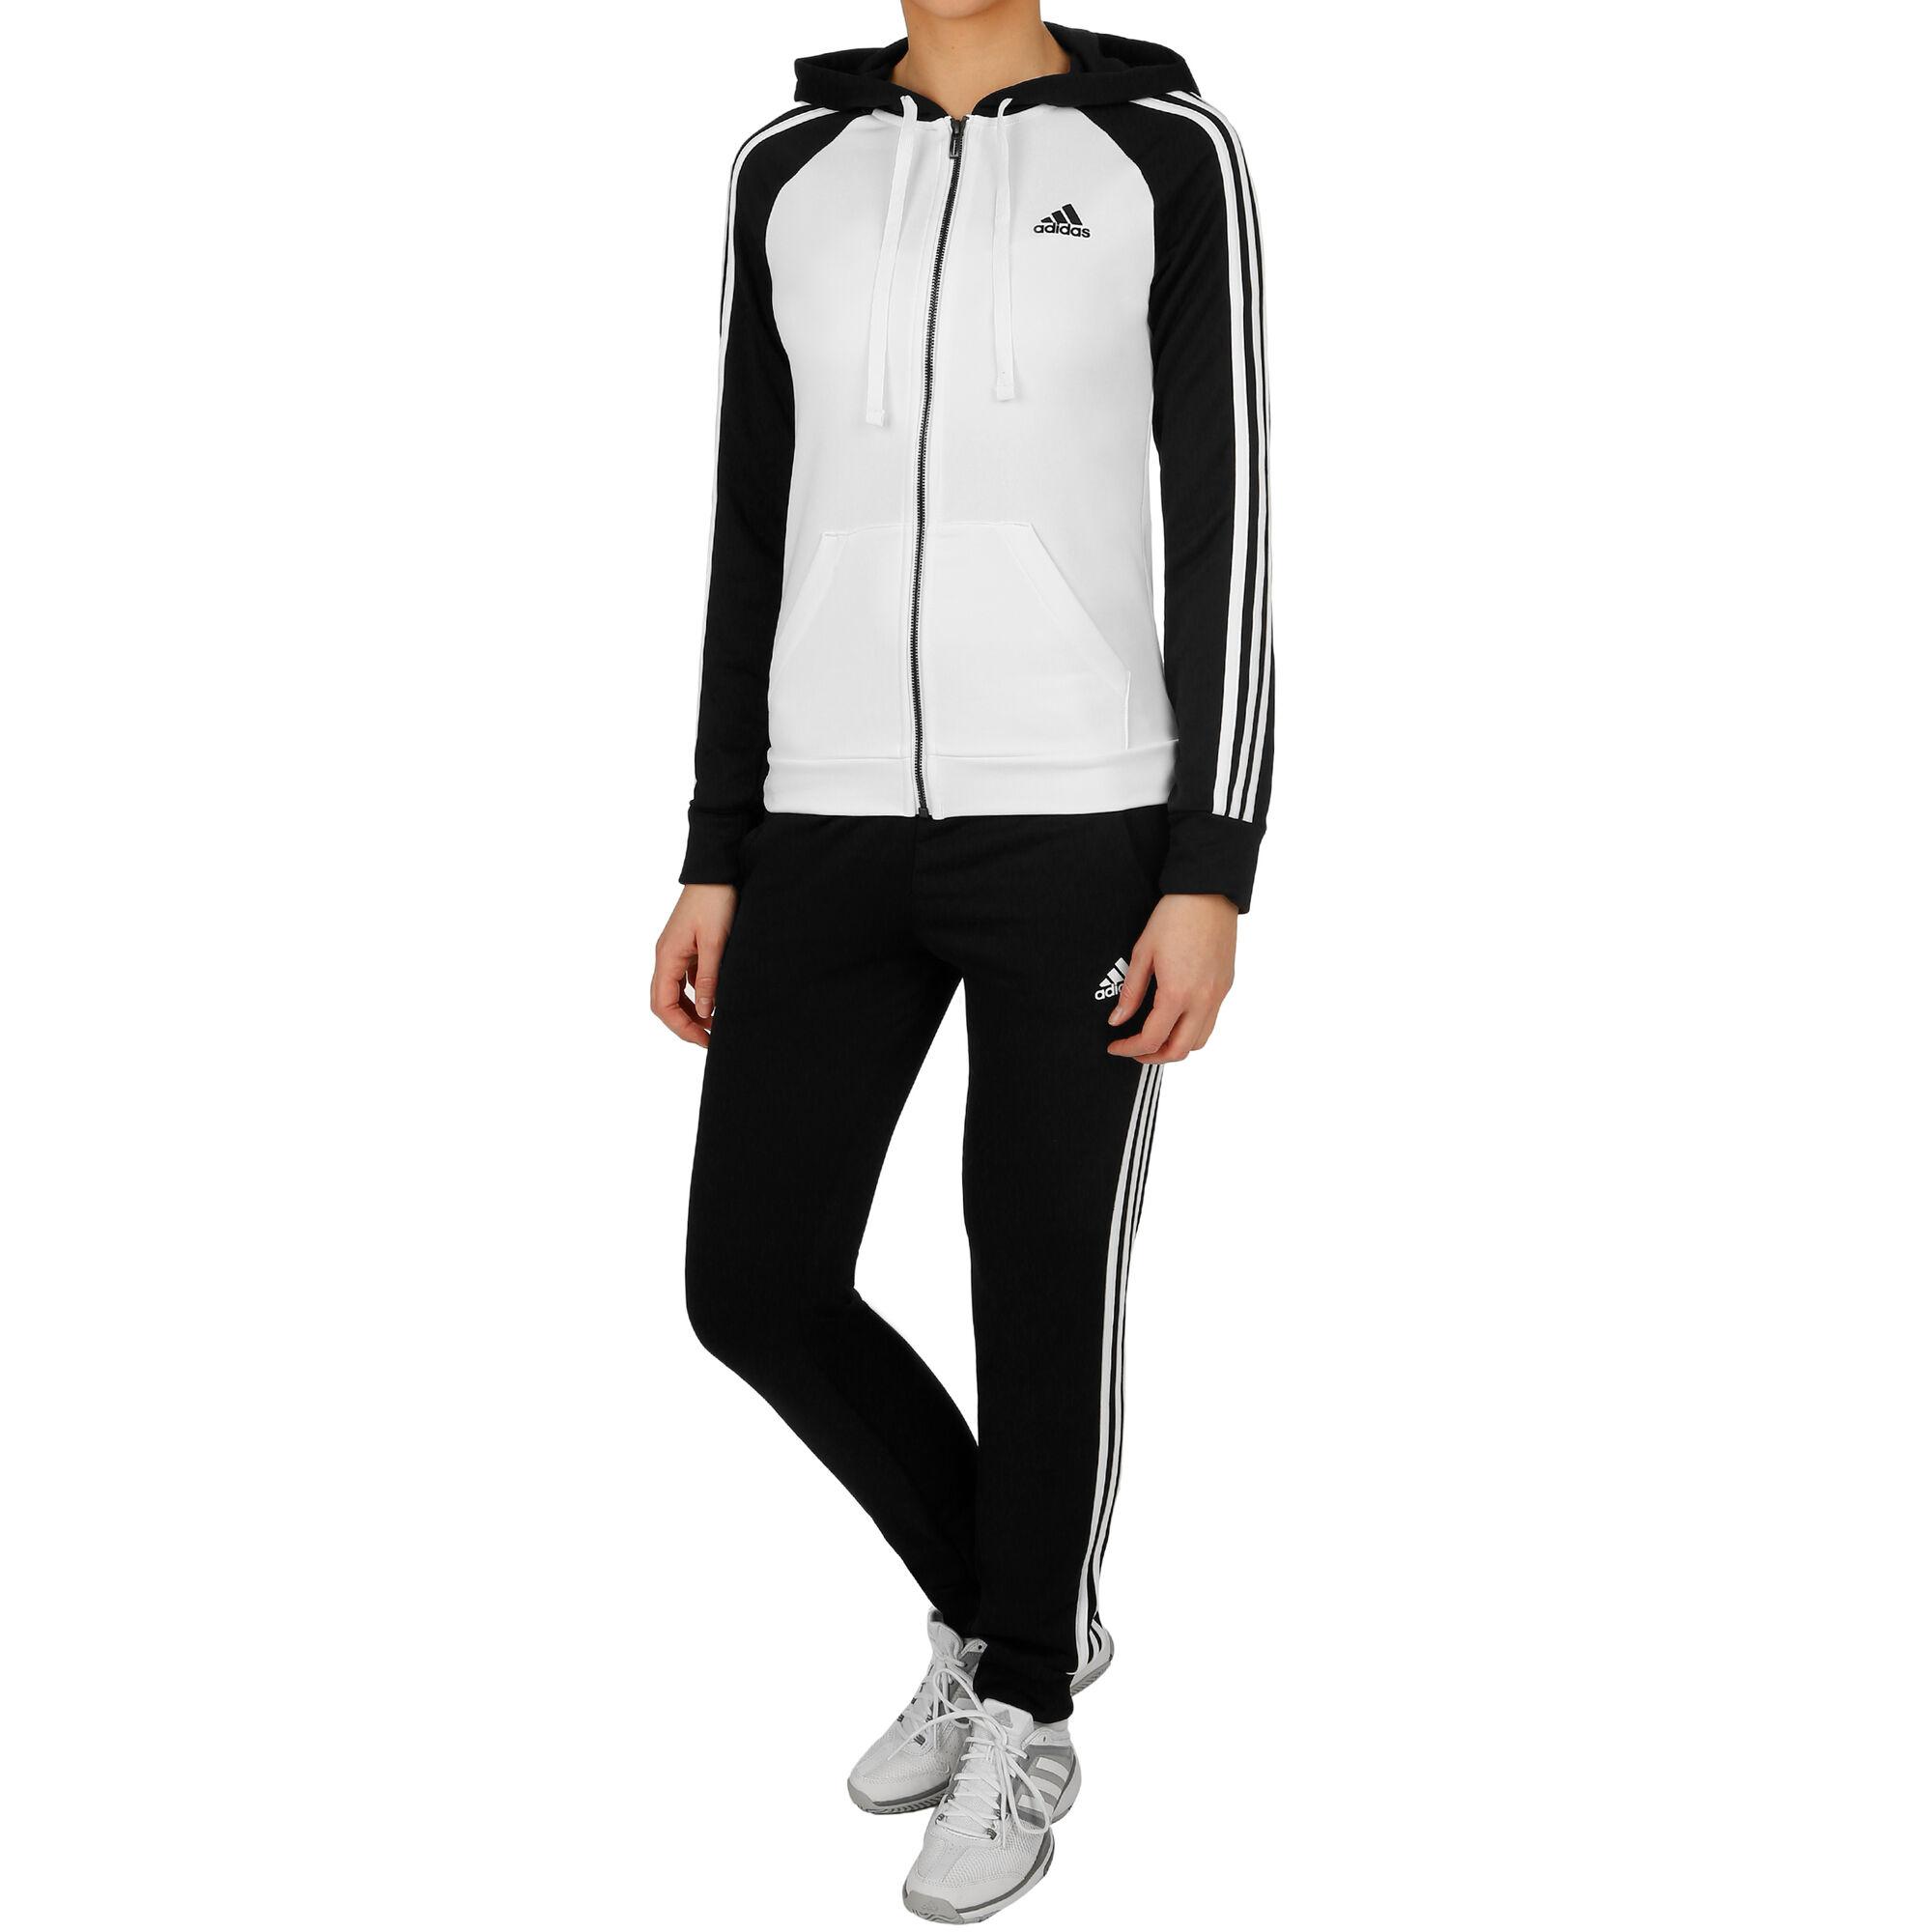 7b51cd2d1bd adidas Re-Focus Trainingspak Dames - Zwart, Wit online kopen ...